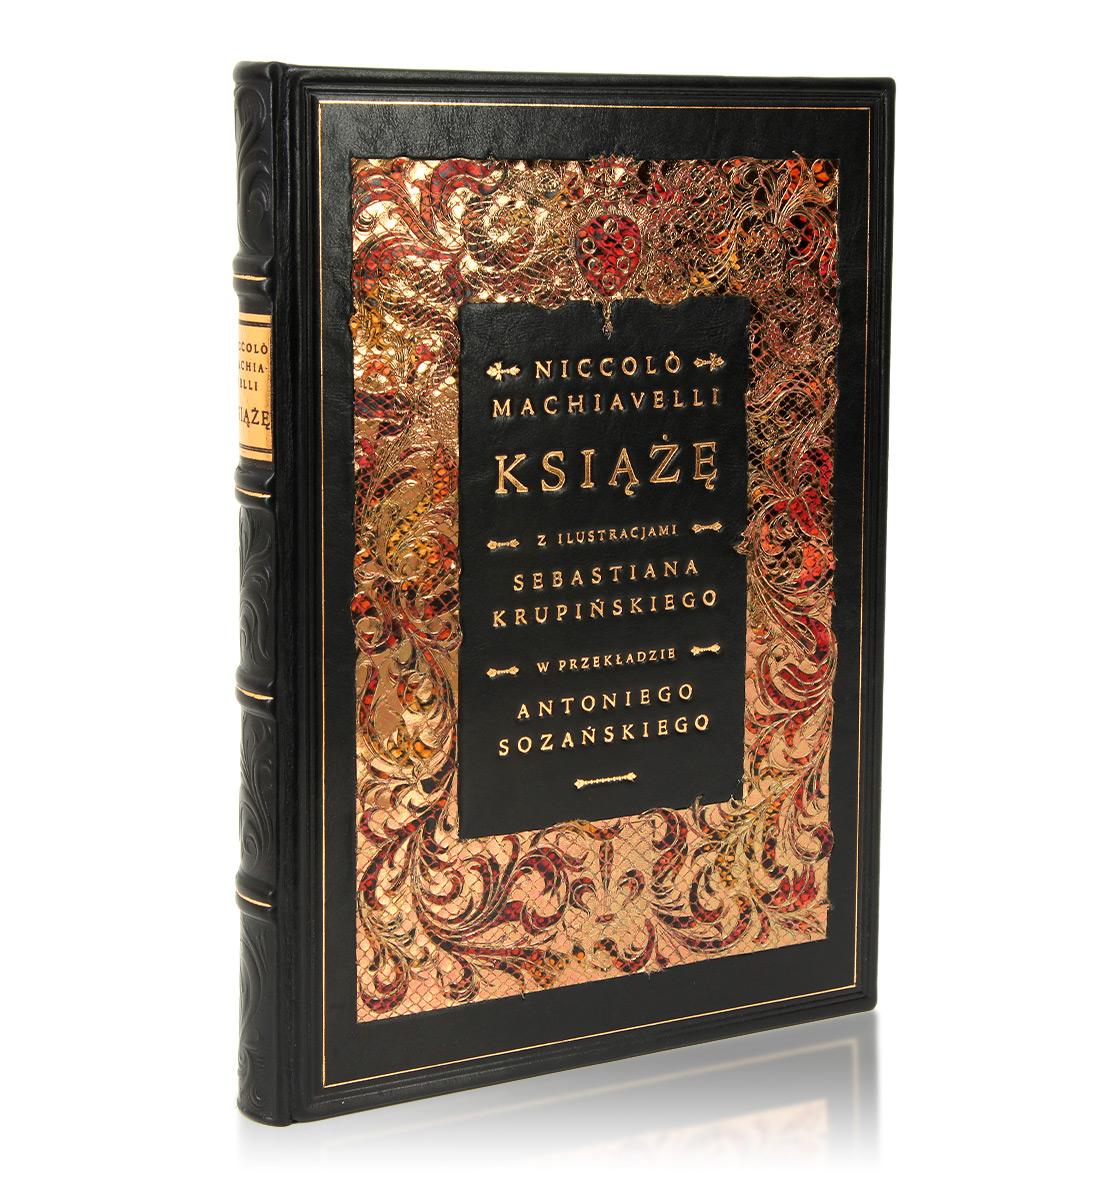 Książę, Niccolò Machiavelli, książka artystyczna oprawa w skórę ze złoconą intarsją